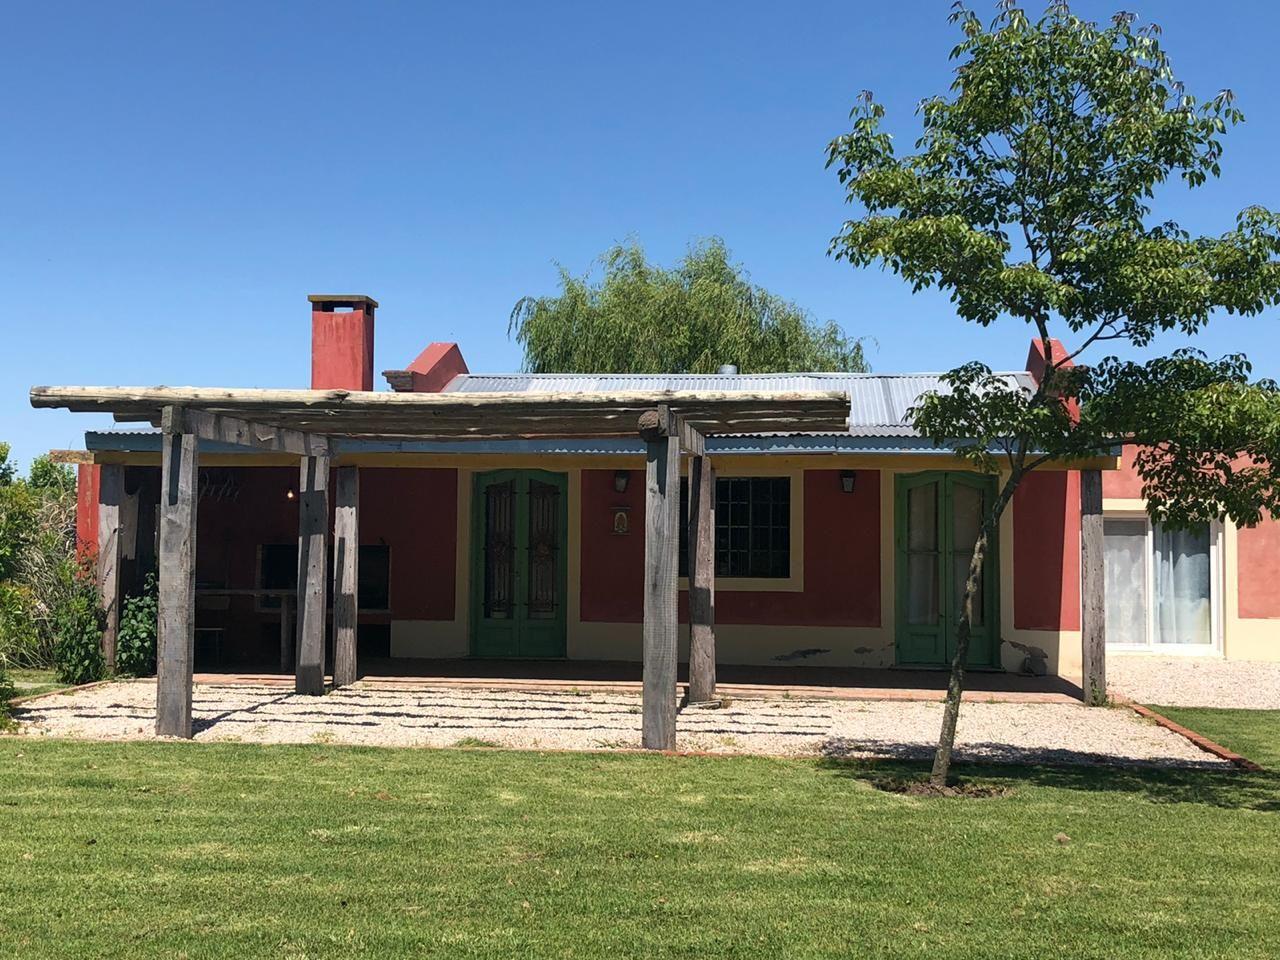 Venta de Casa 4 ambientes en Chascomús Barrio Parque Girado